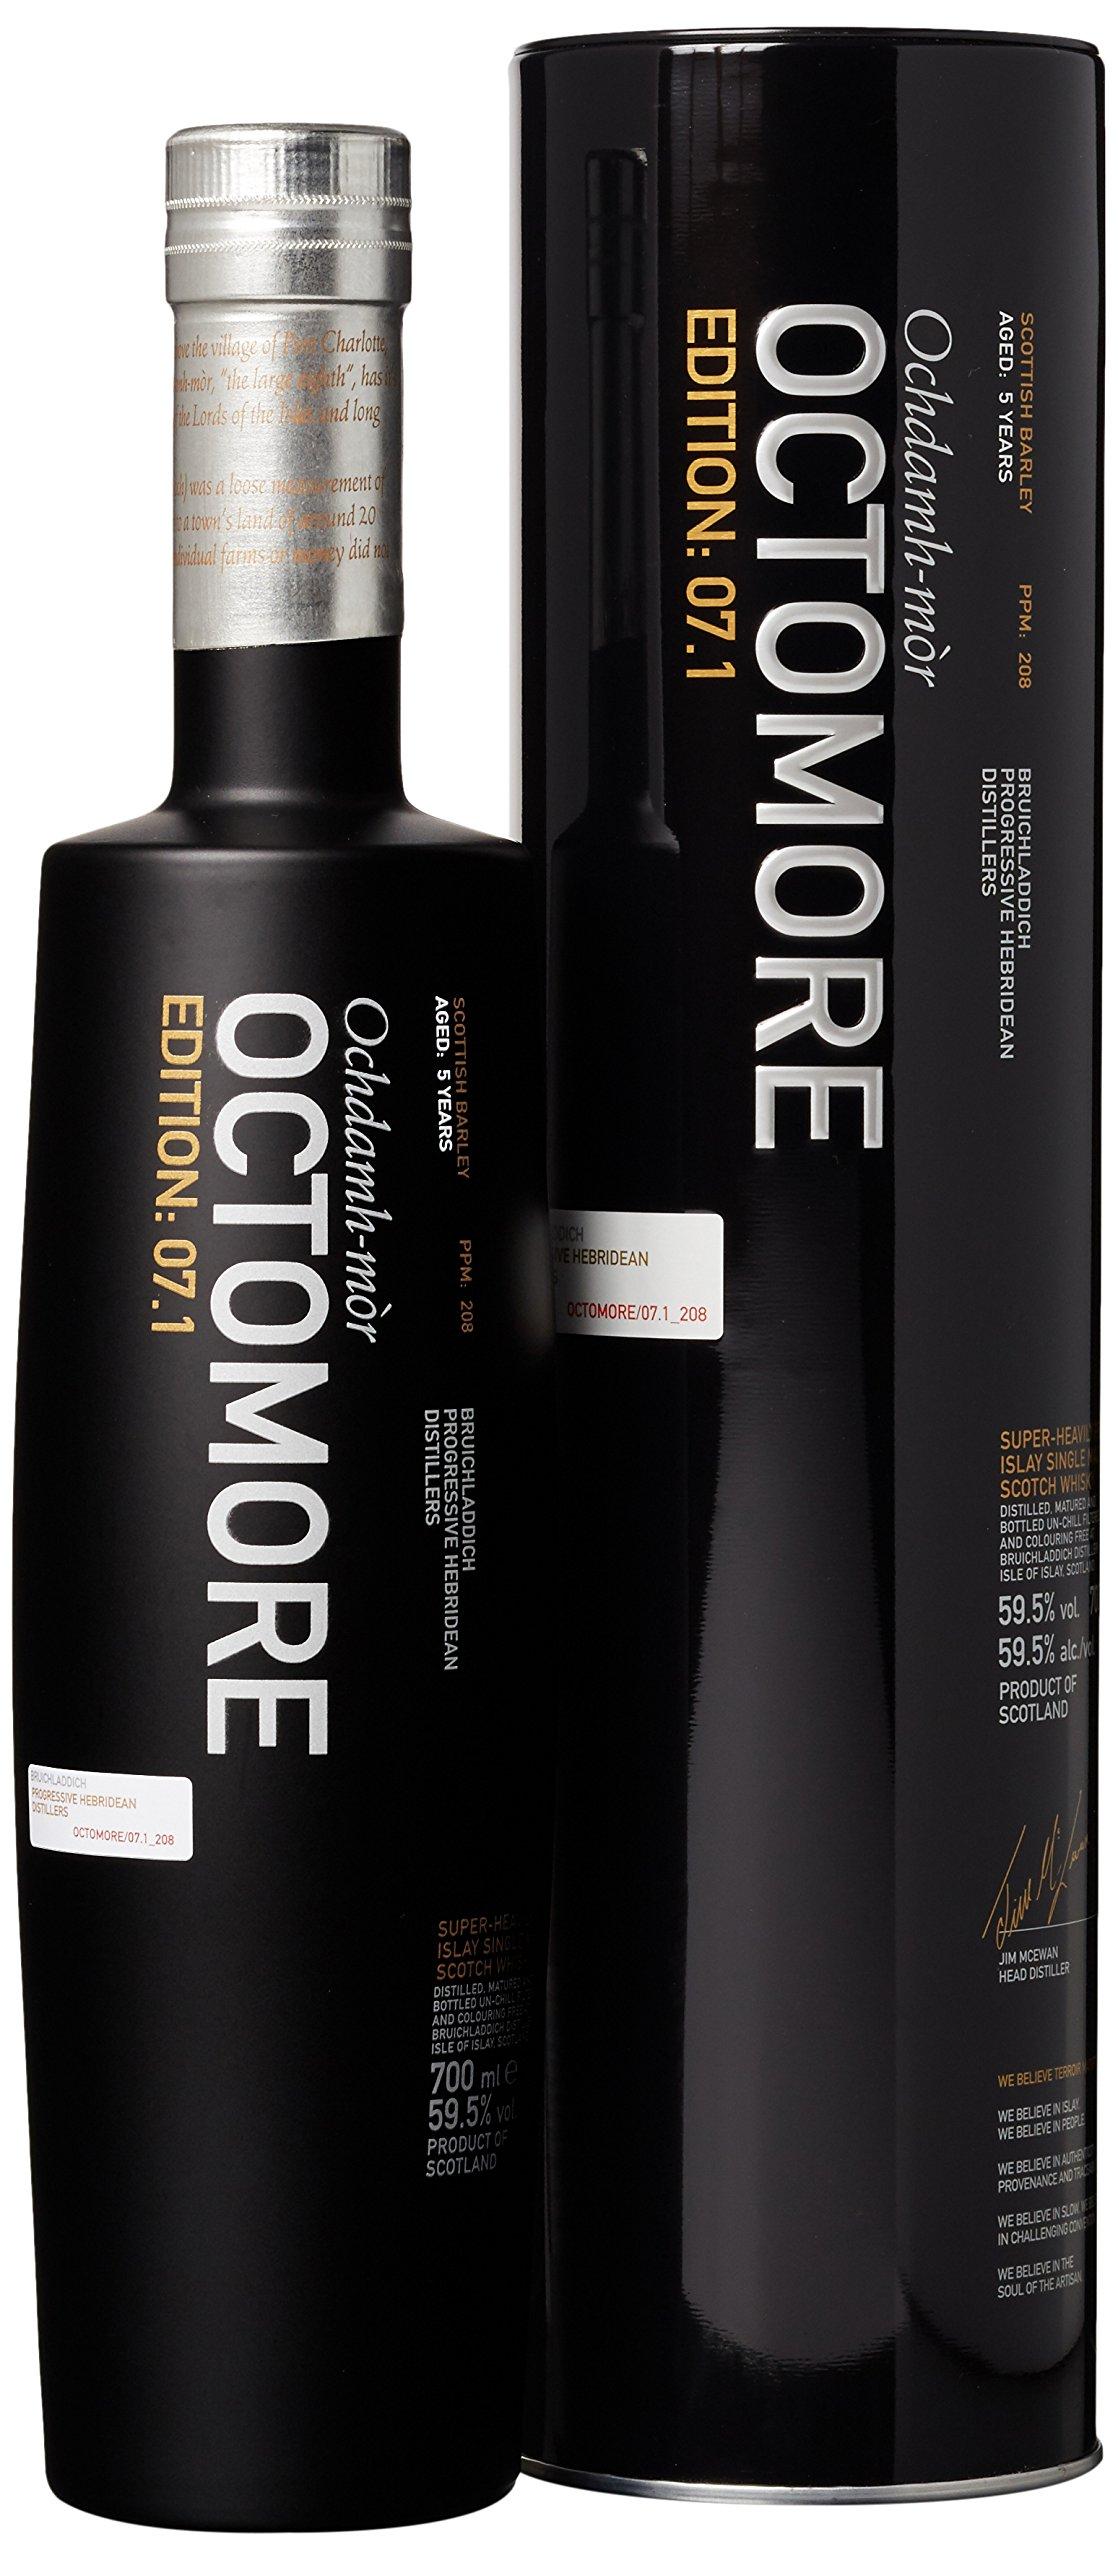 Bruichladdich-Octomore-Edition-71-Scottish-Barley-Whisky-mit-Geschenkverpackung-1-x-07-l